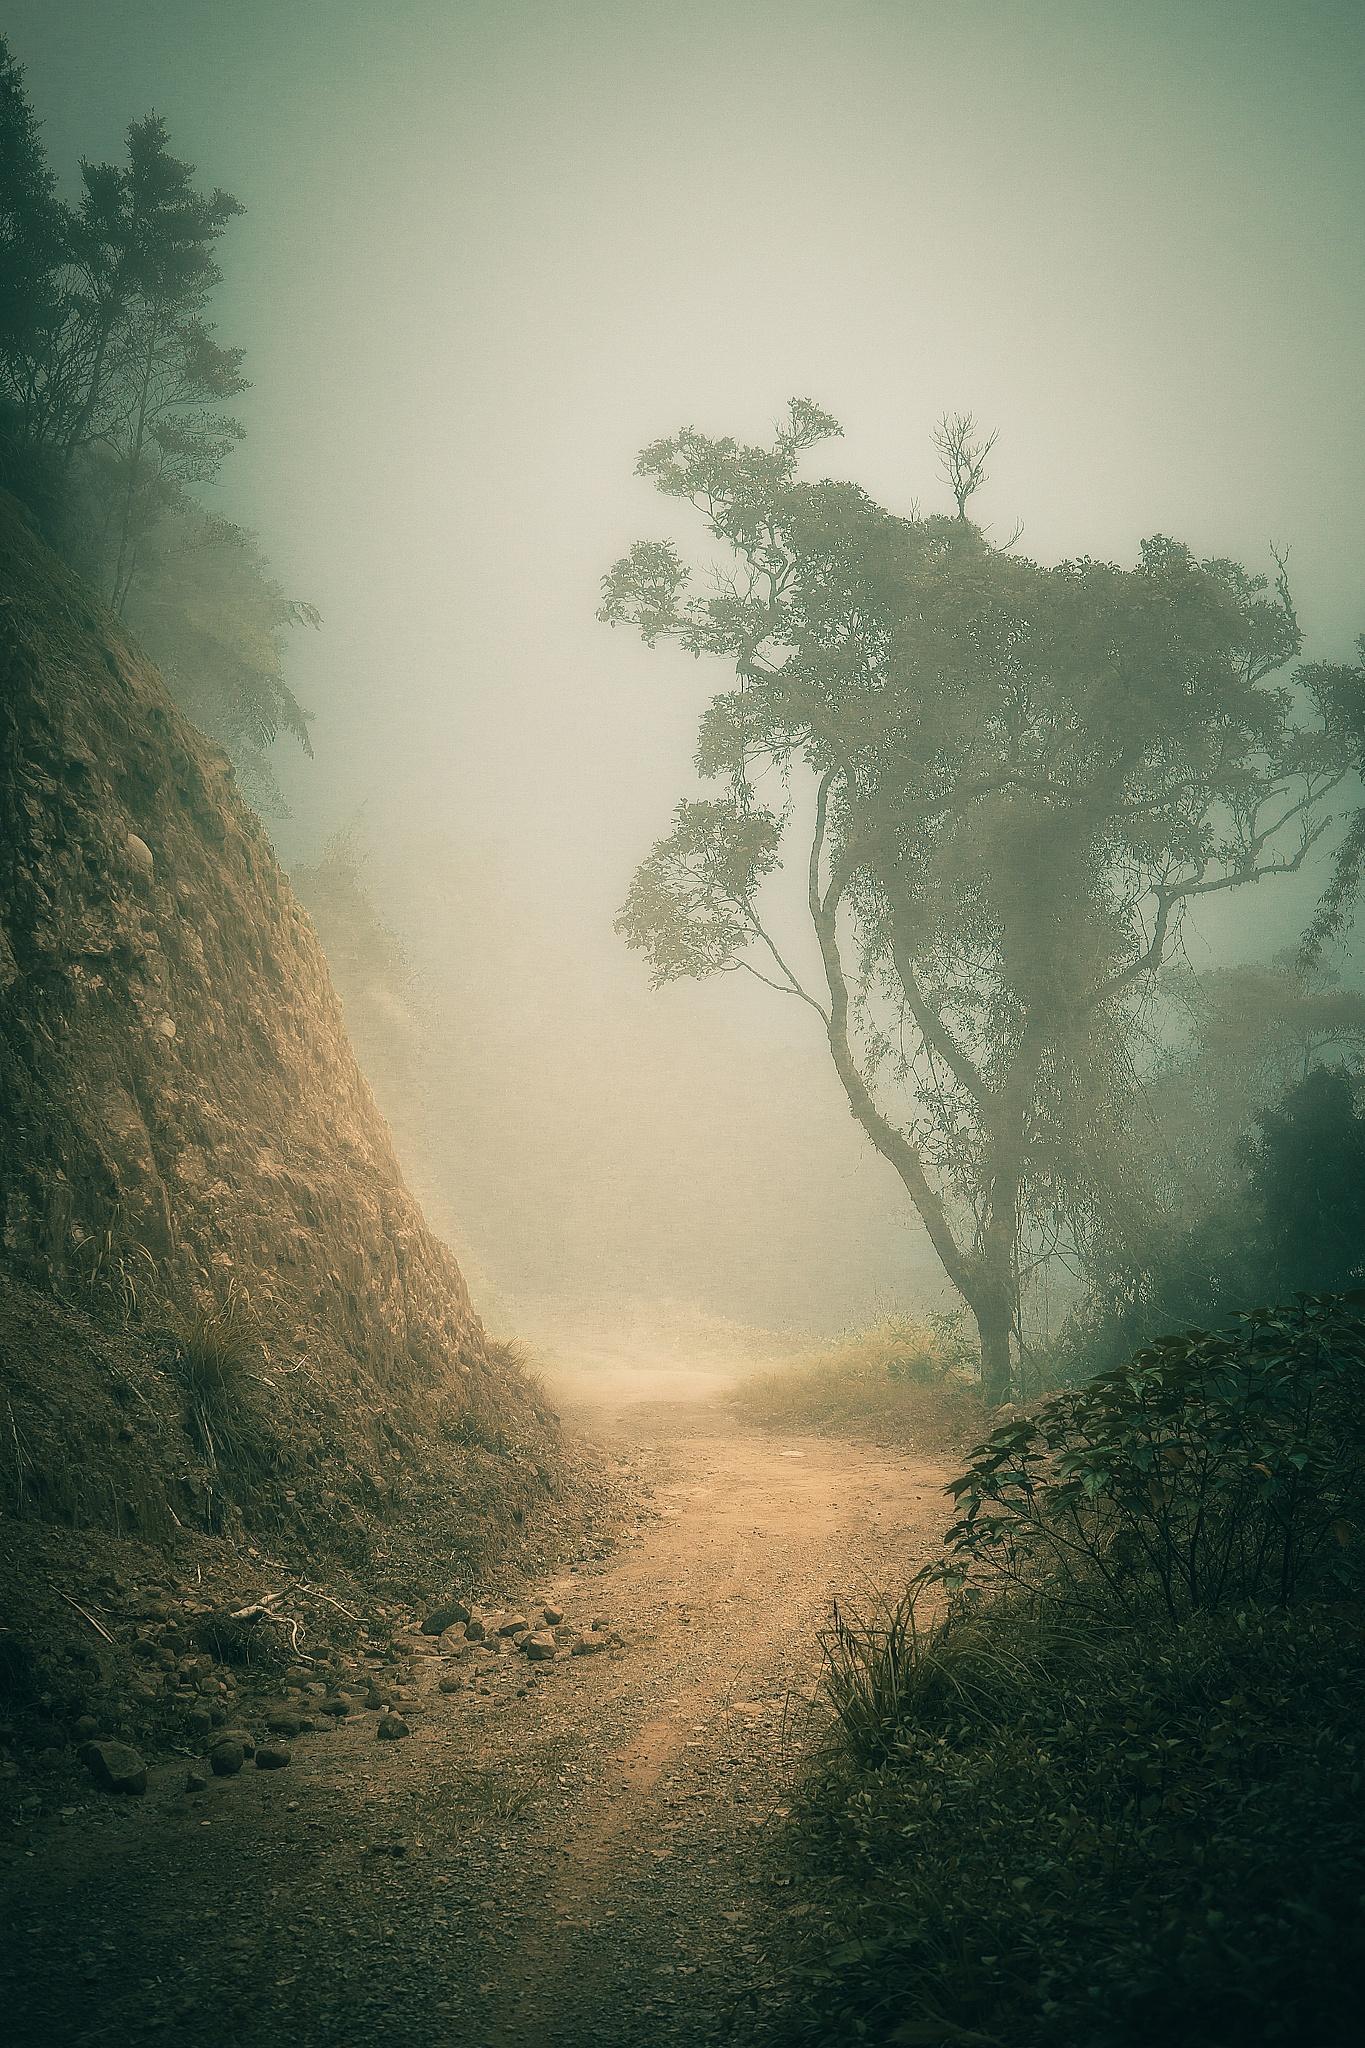 foggy trail by francis